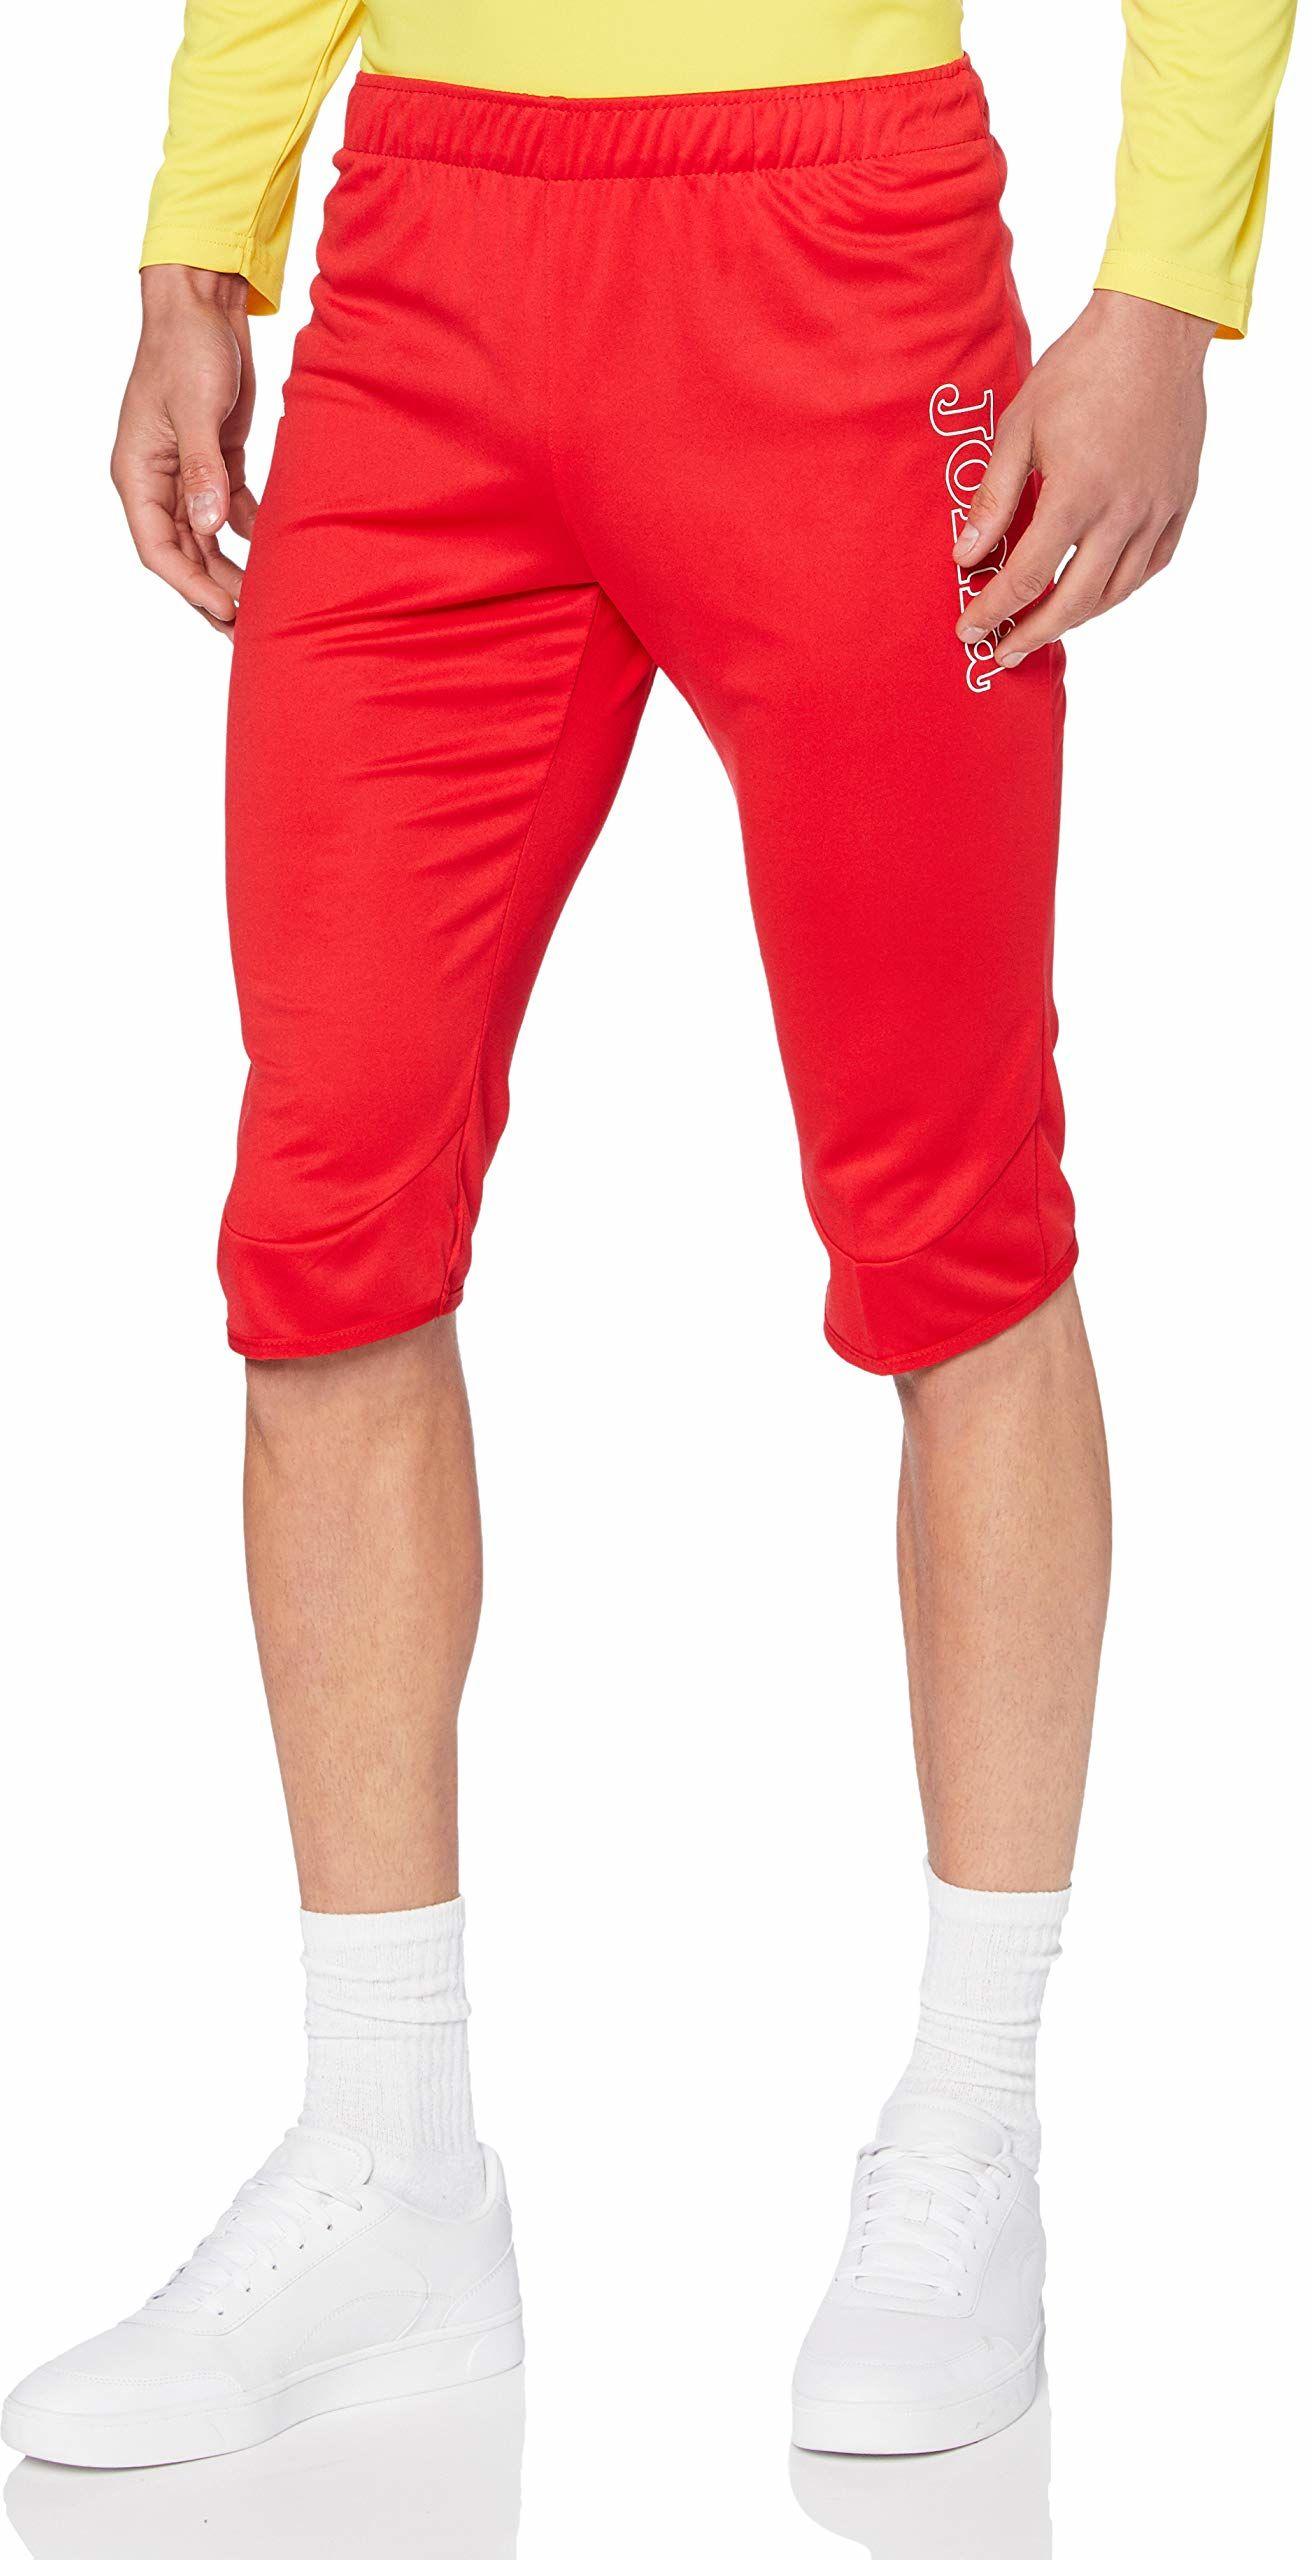 Joma COMBI Vela 3/4 Pirate Unisex  spodnie treningowe dla dorosłych, kolor czerwony czerwony Rot - 600 X-L